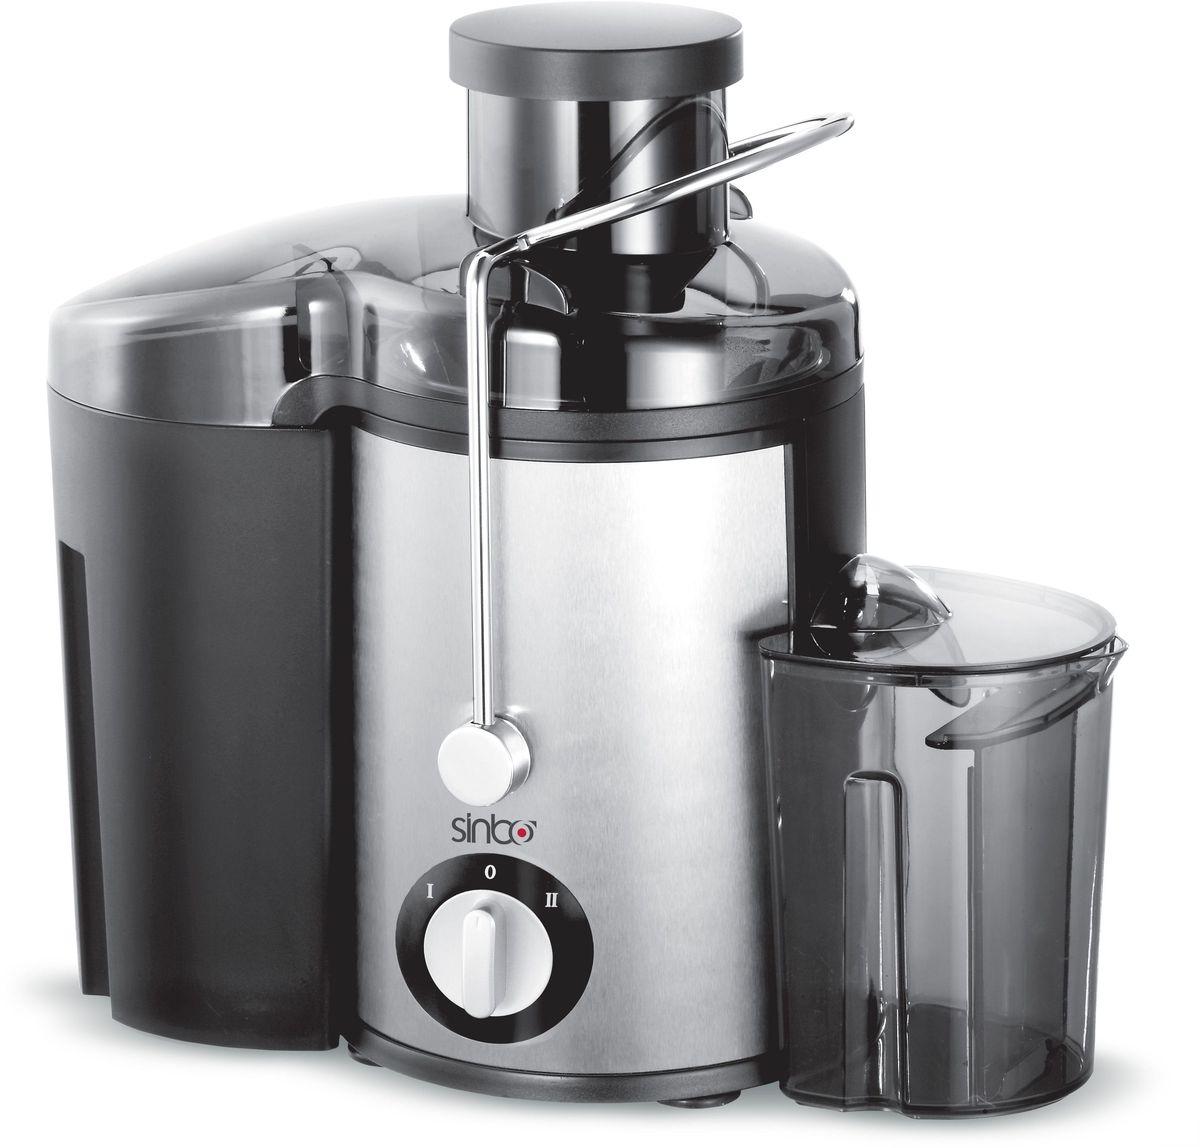 Sinbo SJ 3139, Silver Black соковыжималкаSJ 3139Соковыжималка Sinbo SJ 3139 аккуратно и эффективно извлекает возможное количество сока из фруктов и овощей, сохраняет полезные свойства. Прорезиненные ножки обеспечивают устойчивое положение устройства во время работы.